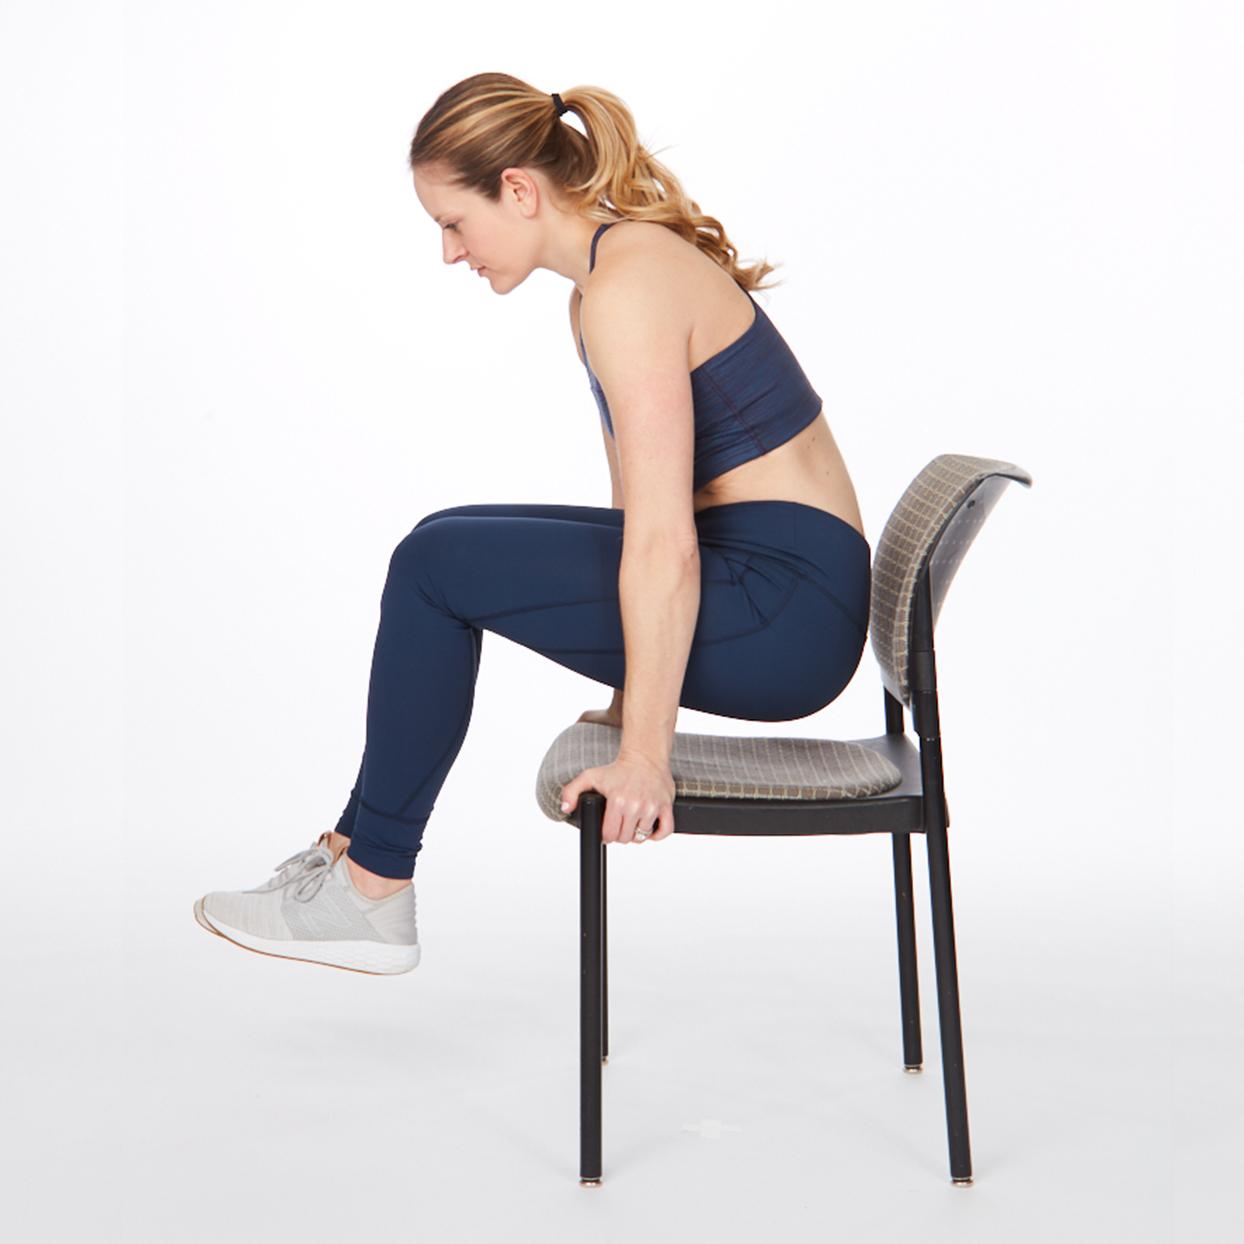 5 bài tập cơ bụng để có vòng eo phẳng lỳ, quyến rũ 'chuẩn model' - Ảnh 3